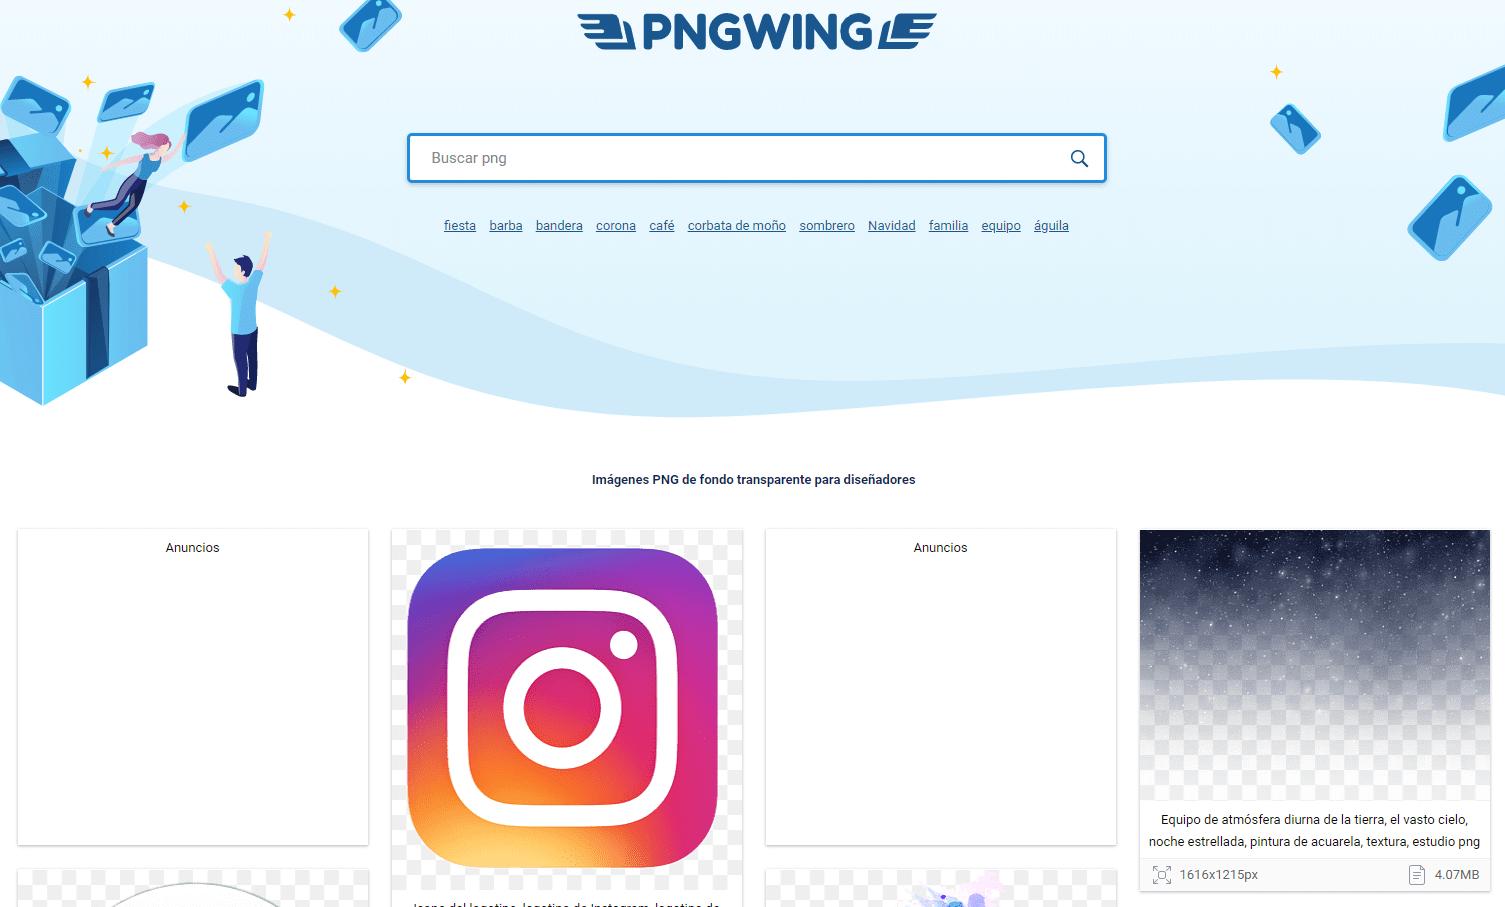 pngwing.com pagina web para descargar imágenes png gratis free